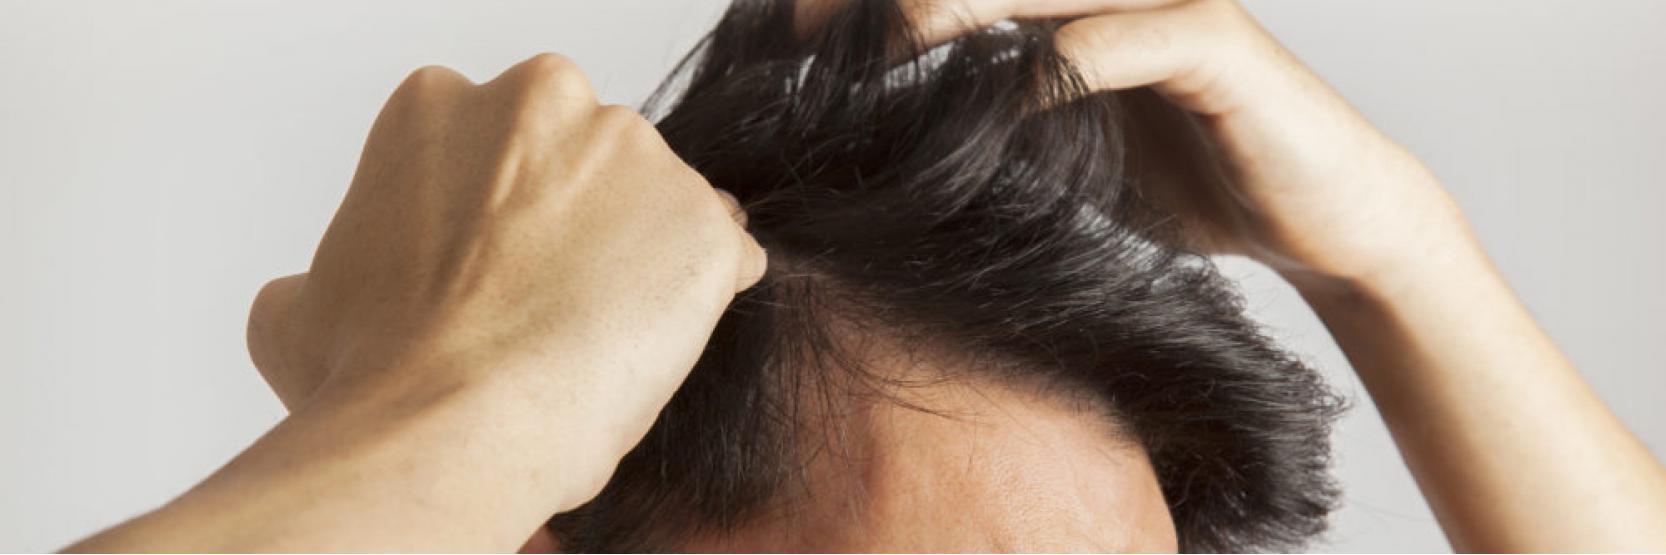 الأثار الجانبية لإستخدام المتكرر لجل الشعر